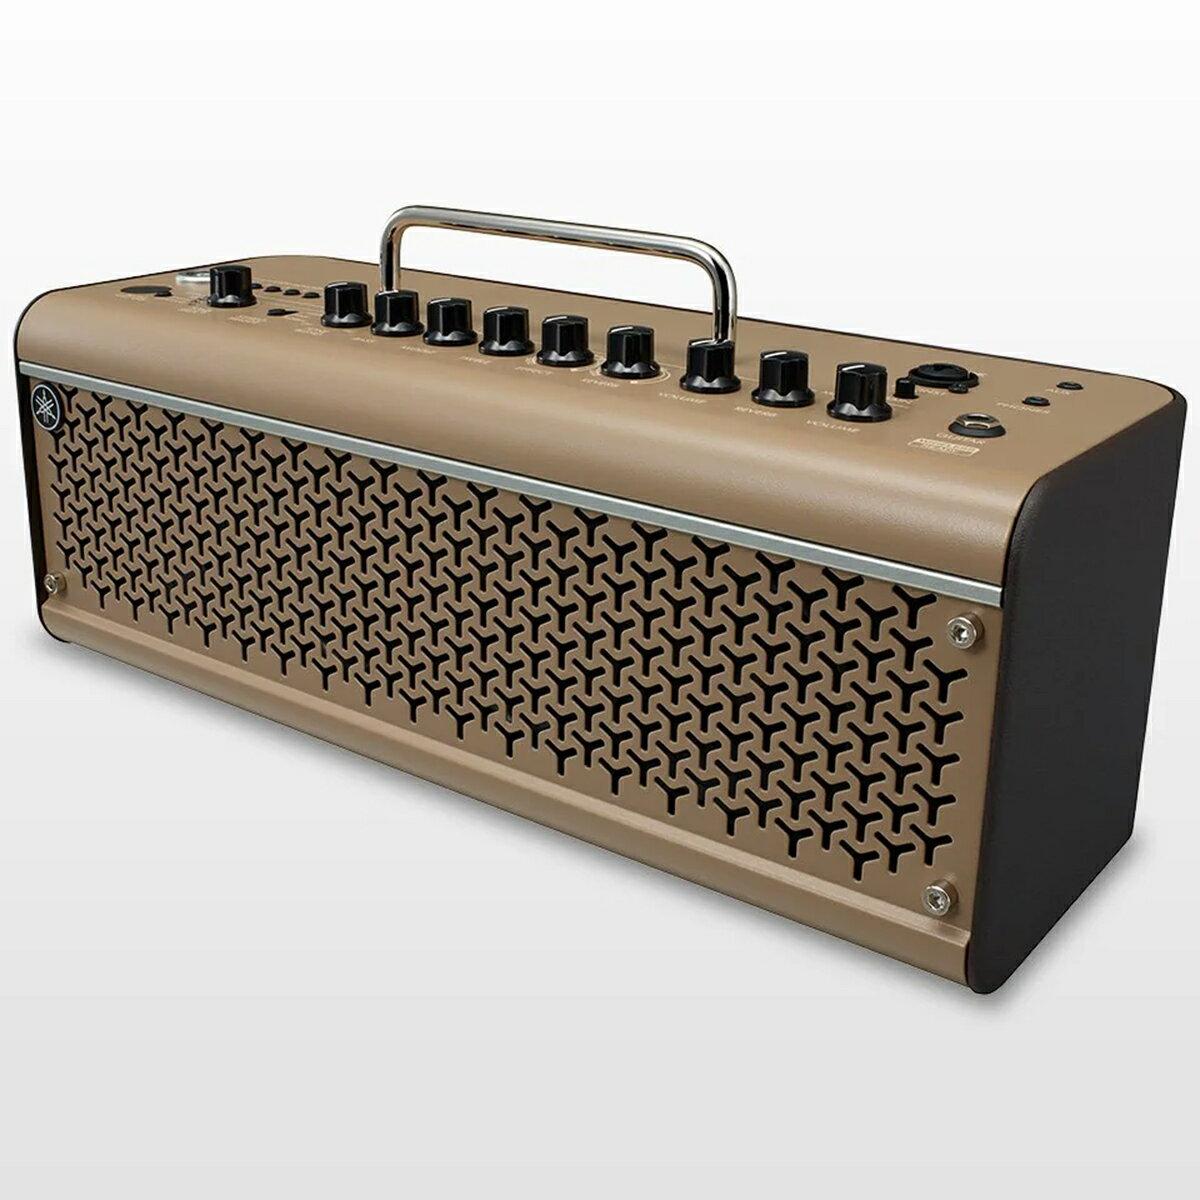 ギター用アクセサリー・パーツ, アンプ YAMAHA THR30IIA Wireless Acoustic Guitar,Mini Guitar Combo AmplifierTHR-30